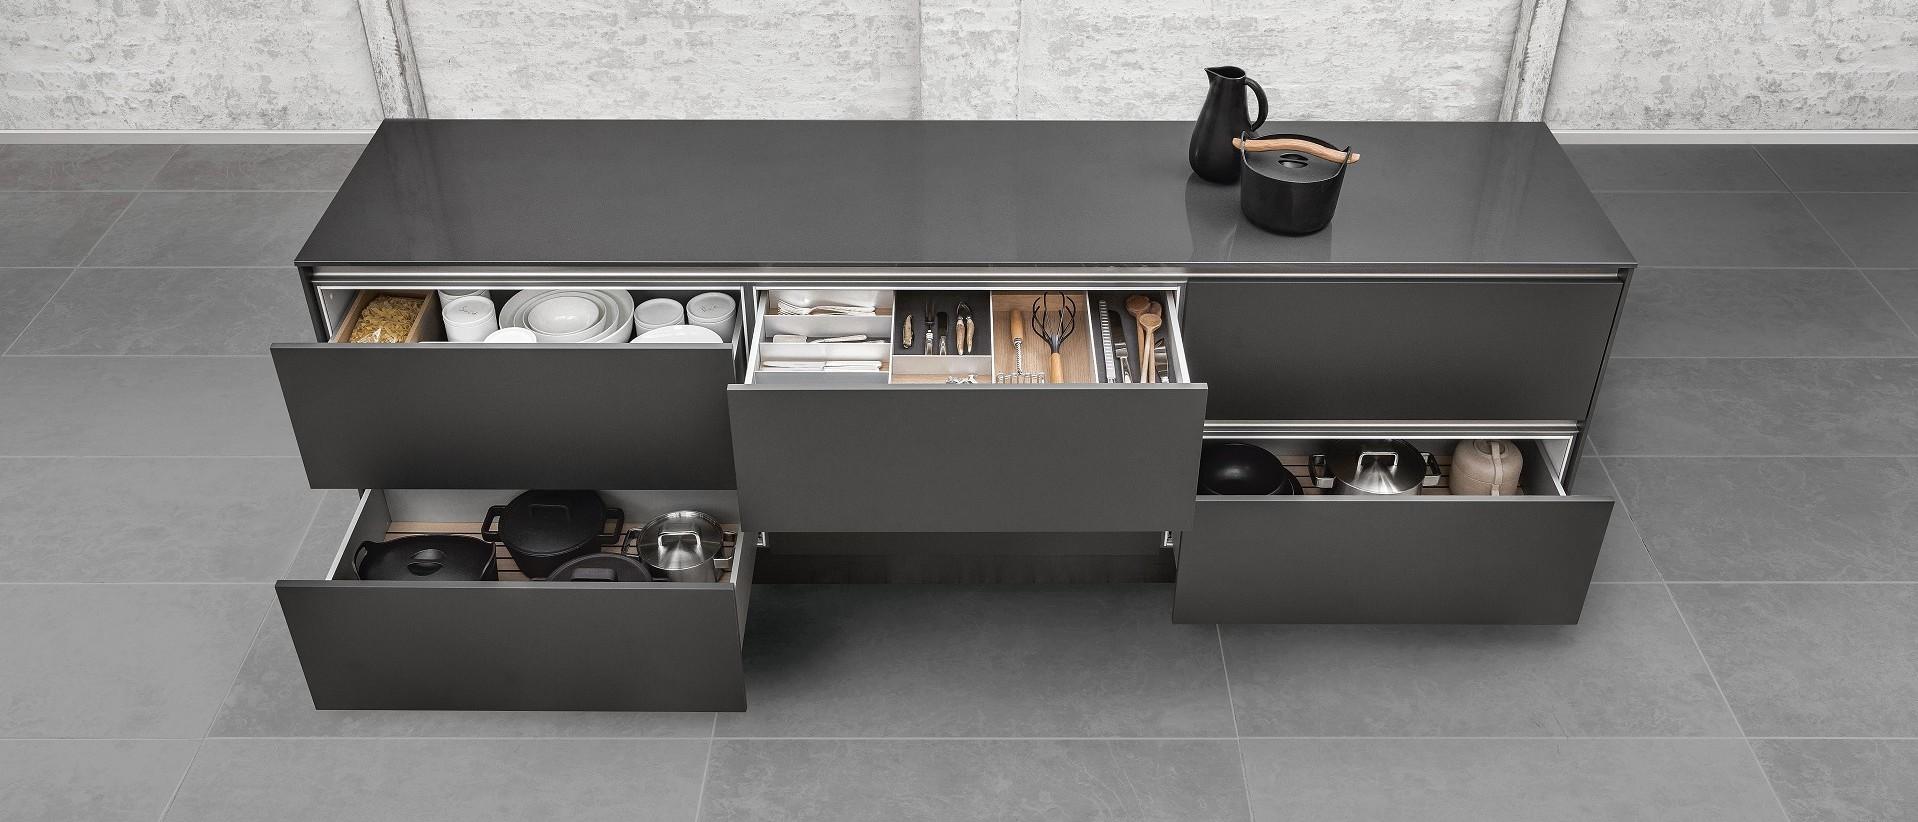 Küchenausstattung von SieMatic: individuell, innovativ, zeitlos elegant